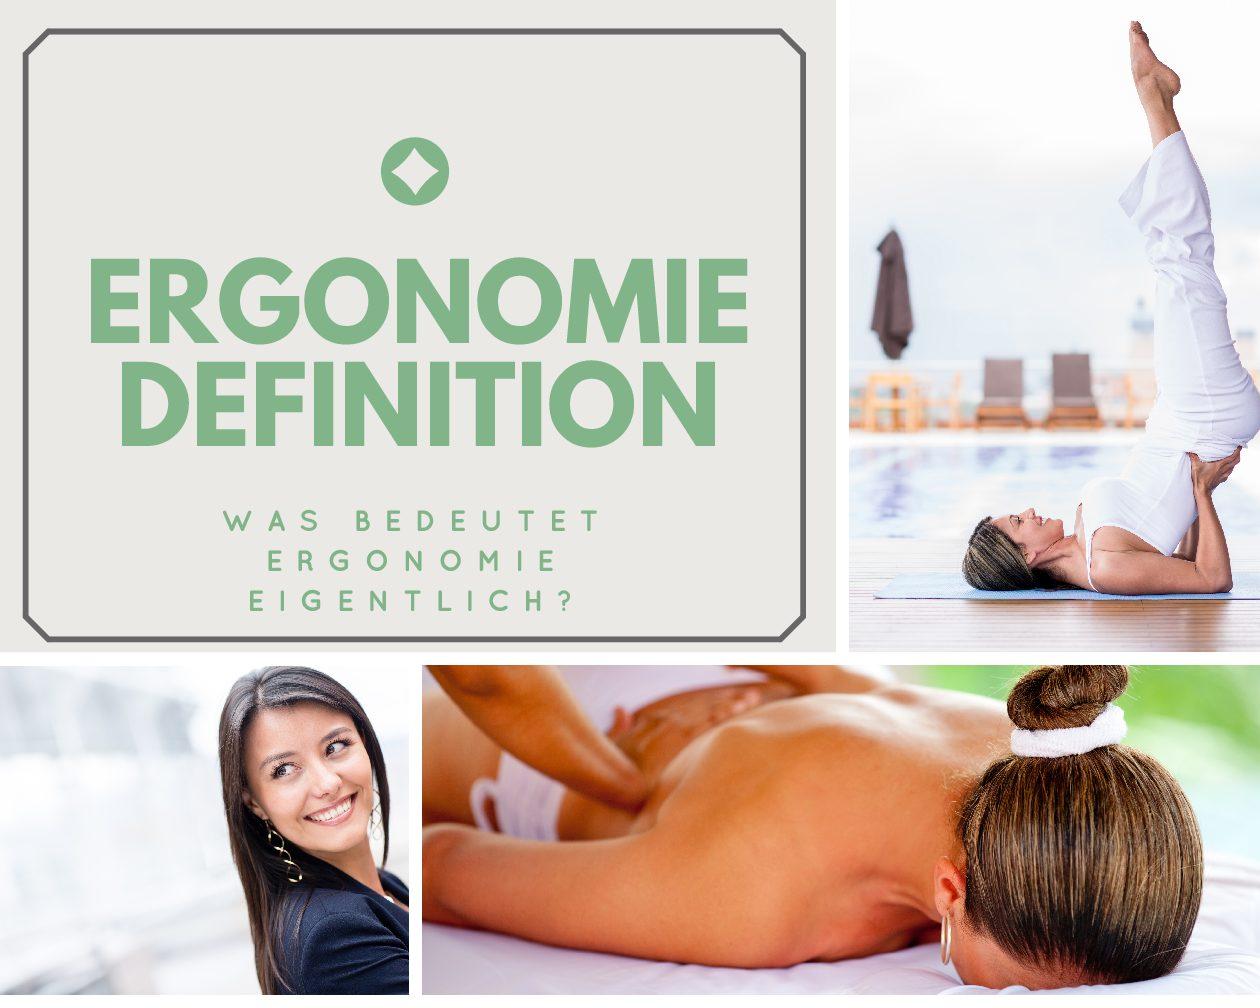 Ergonomie Definition – was bedeutet Ergonomie eigentlich?